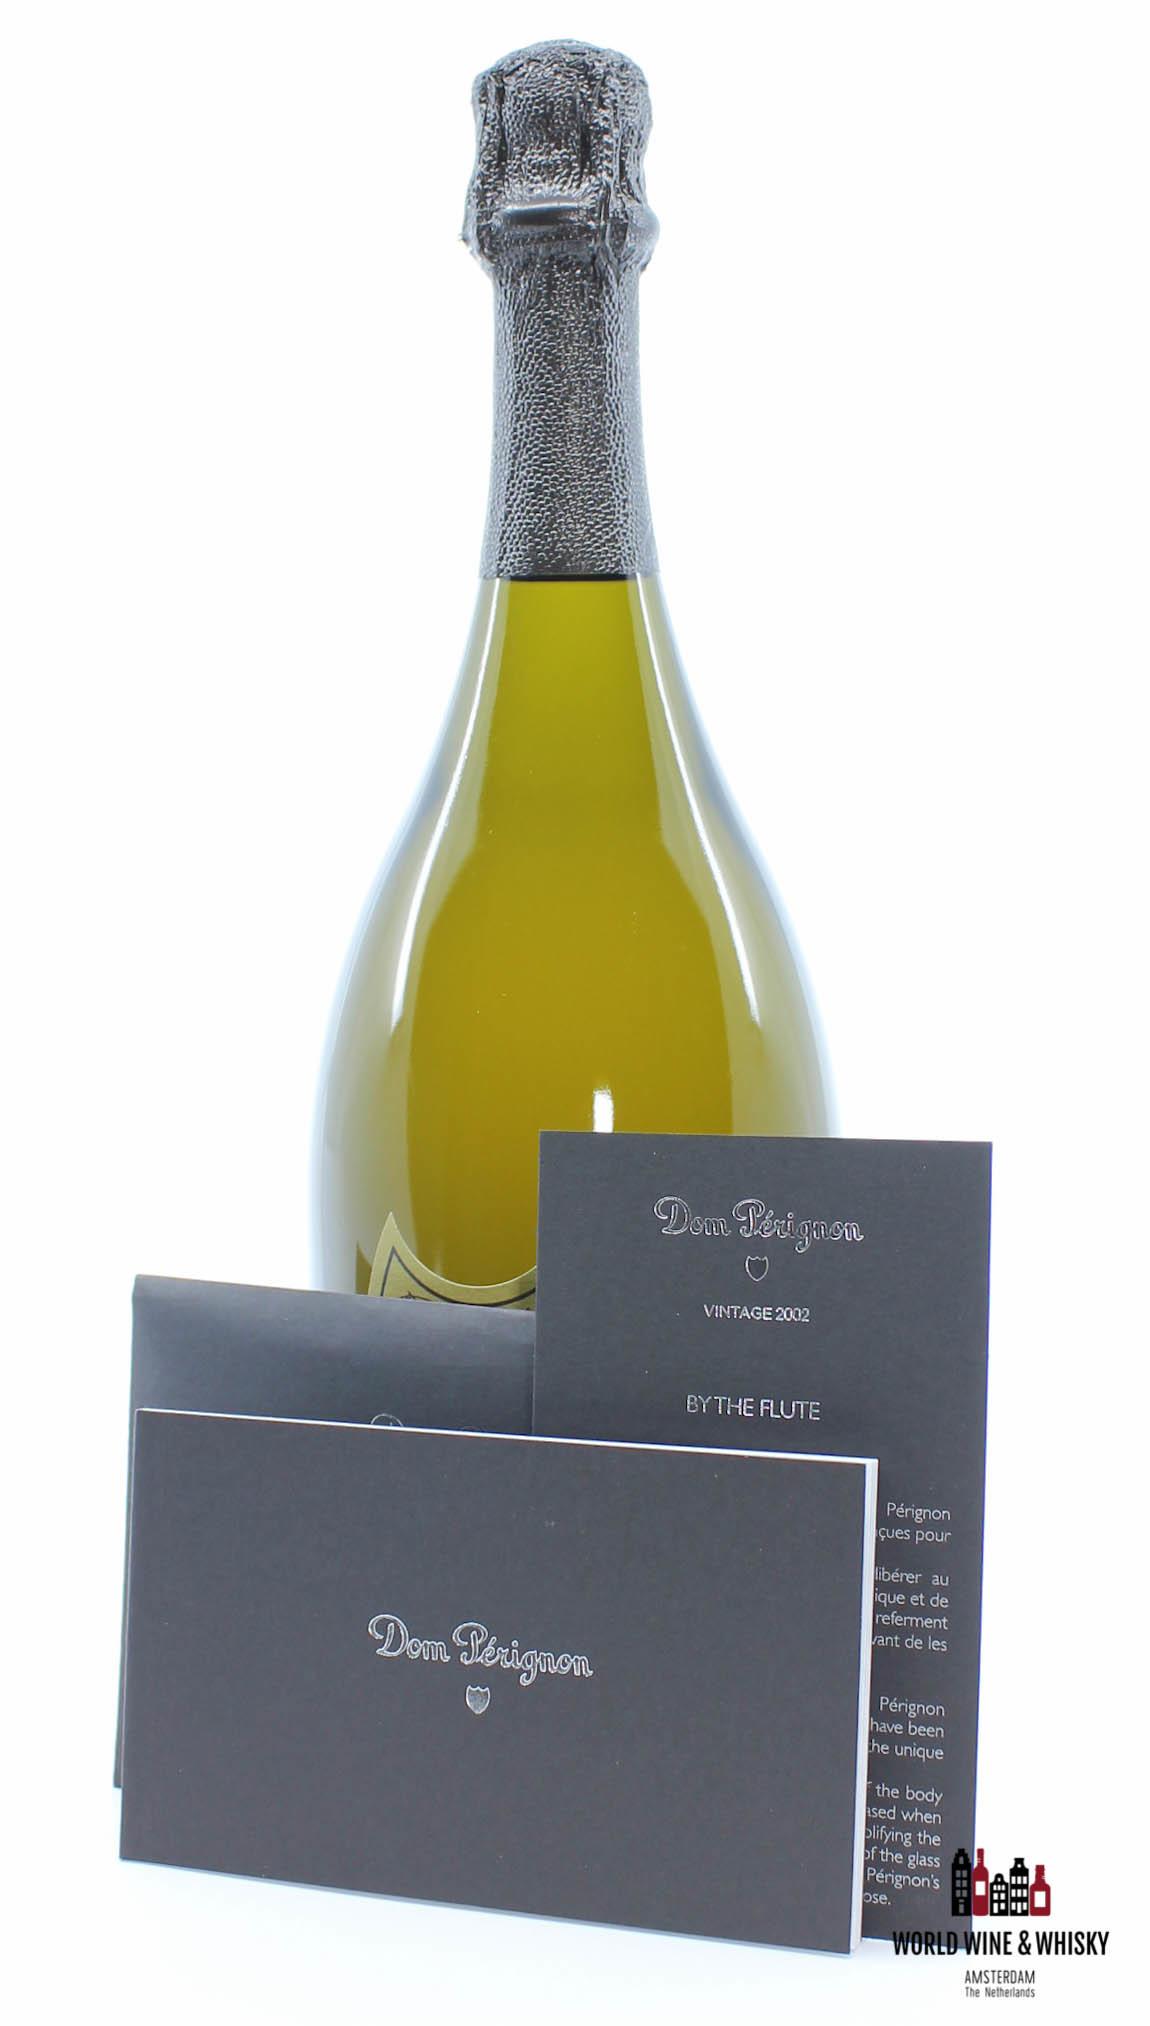 Dom Perignon Dom Perignon 2002 Vintage Champagne Brut in giftbox + 2 flutes glasses